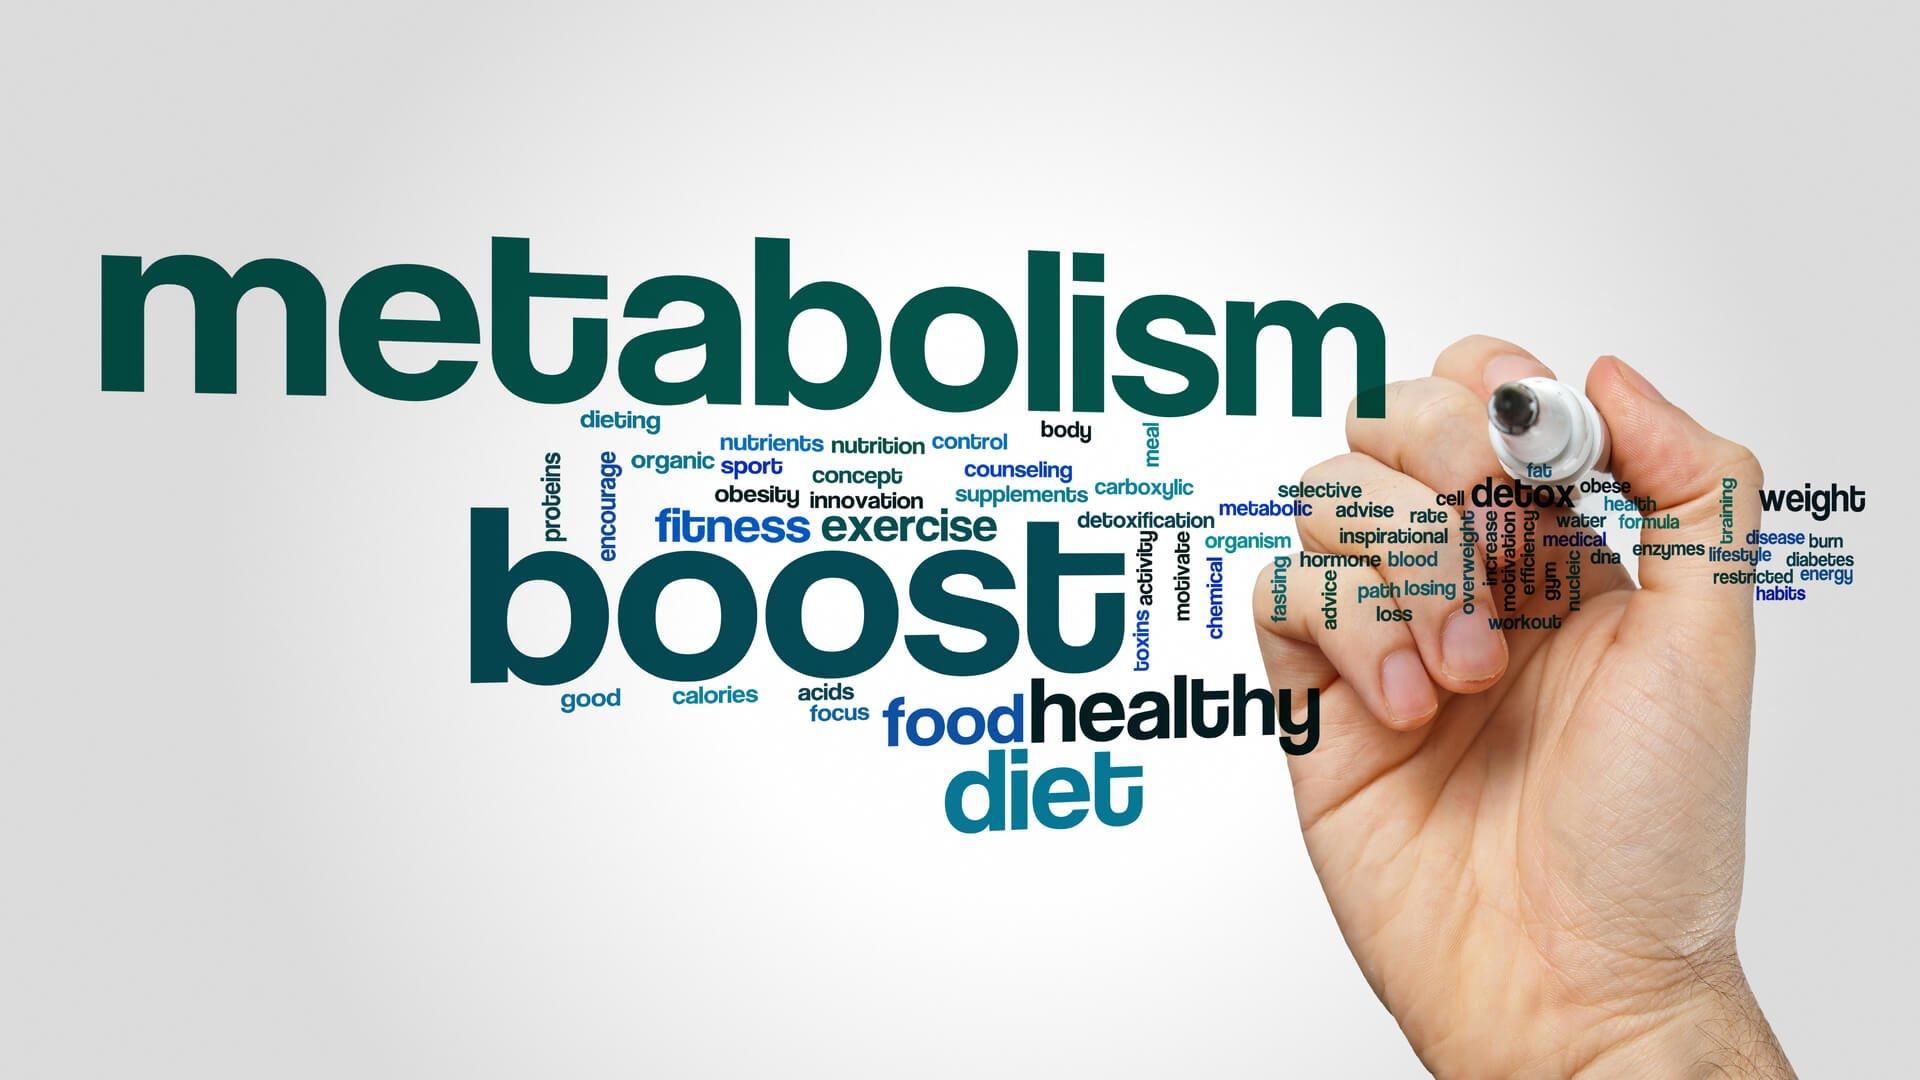 Activeaza-ti metabolismul cu aceste 5 schimbari 2